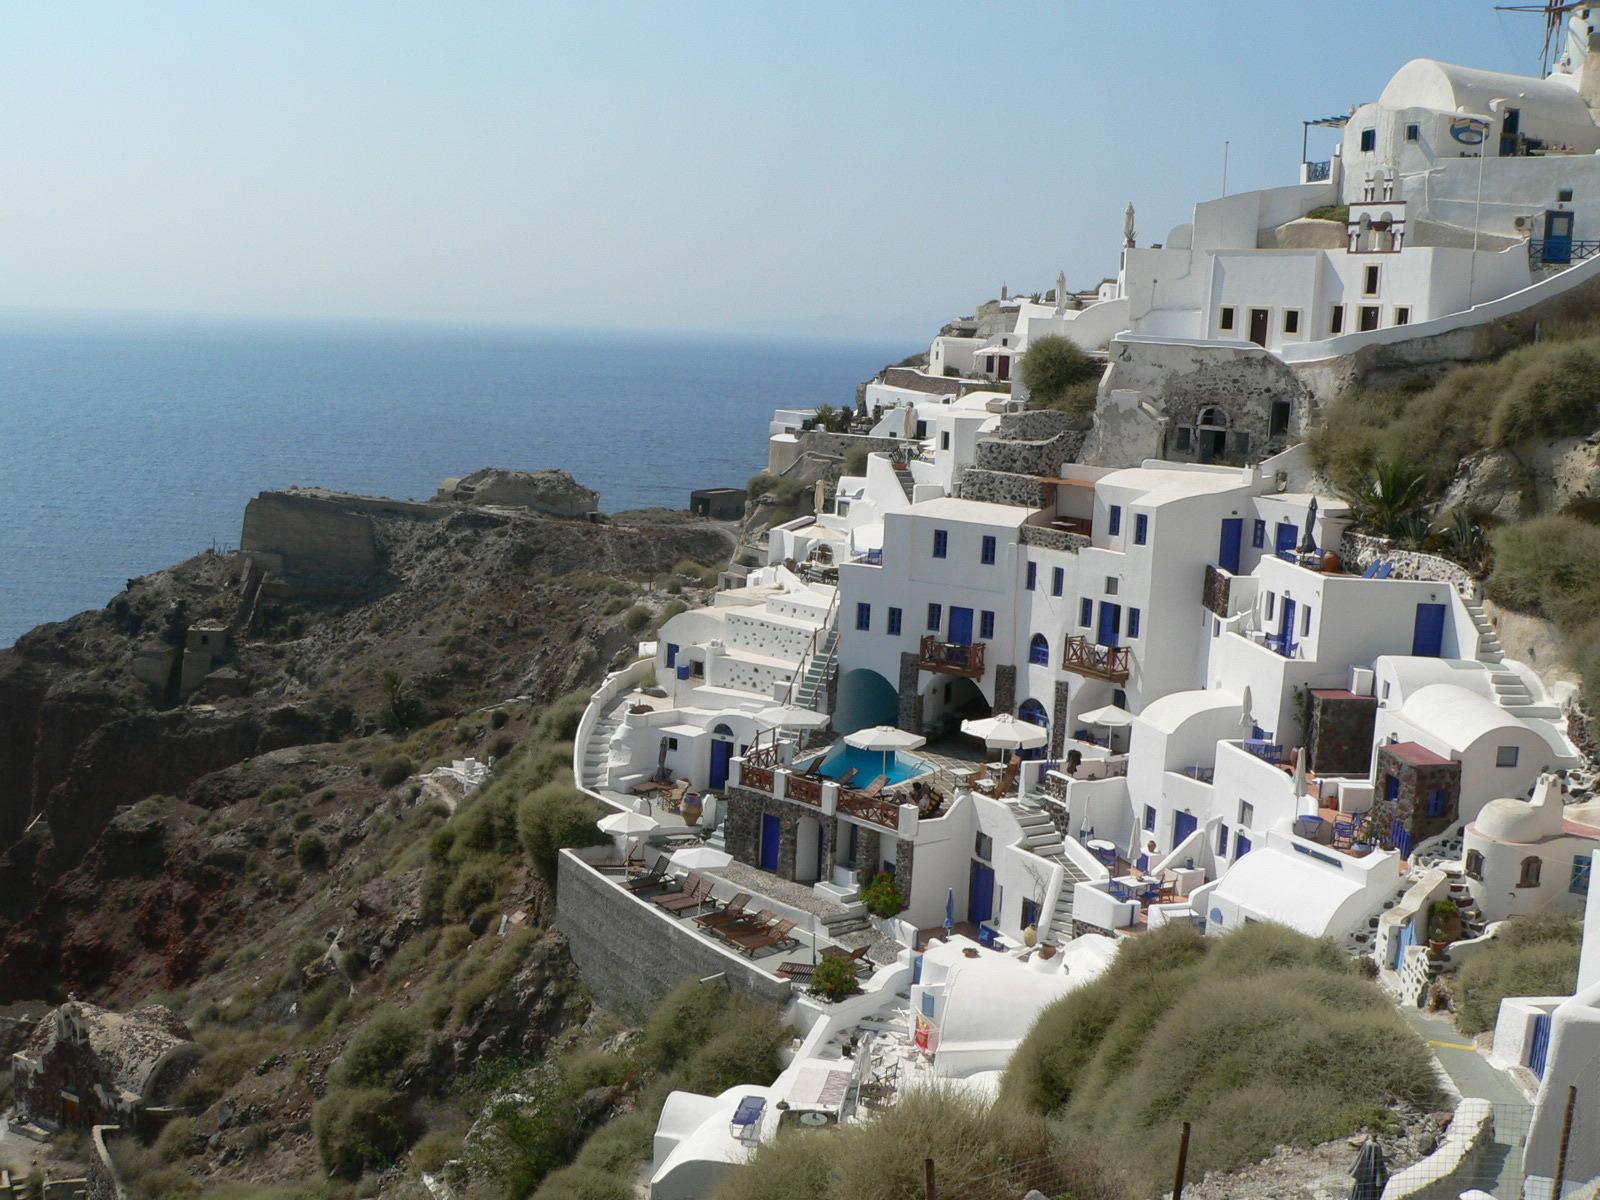 Best Island Beaches For Partying Mykonos St Barts: LipstickStarsAndKillerHeels: Visit Greece